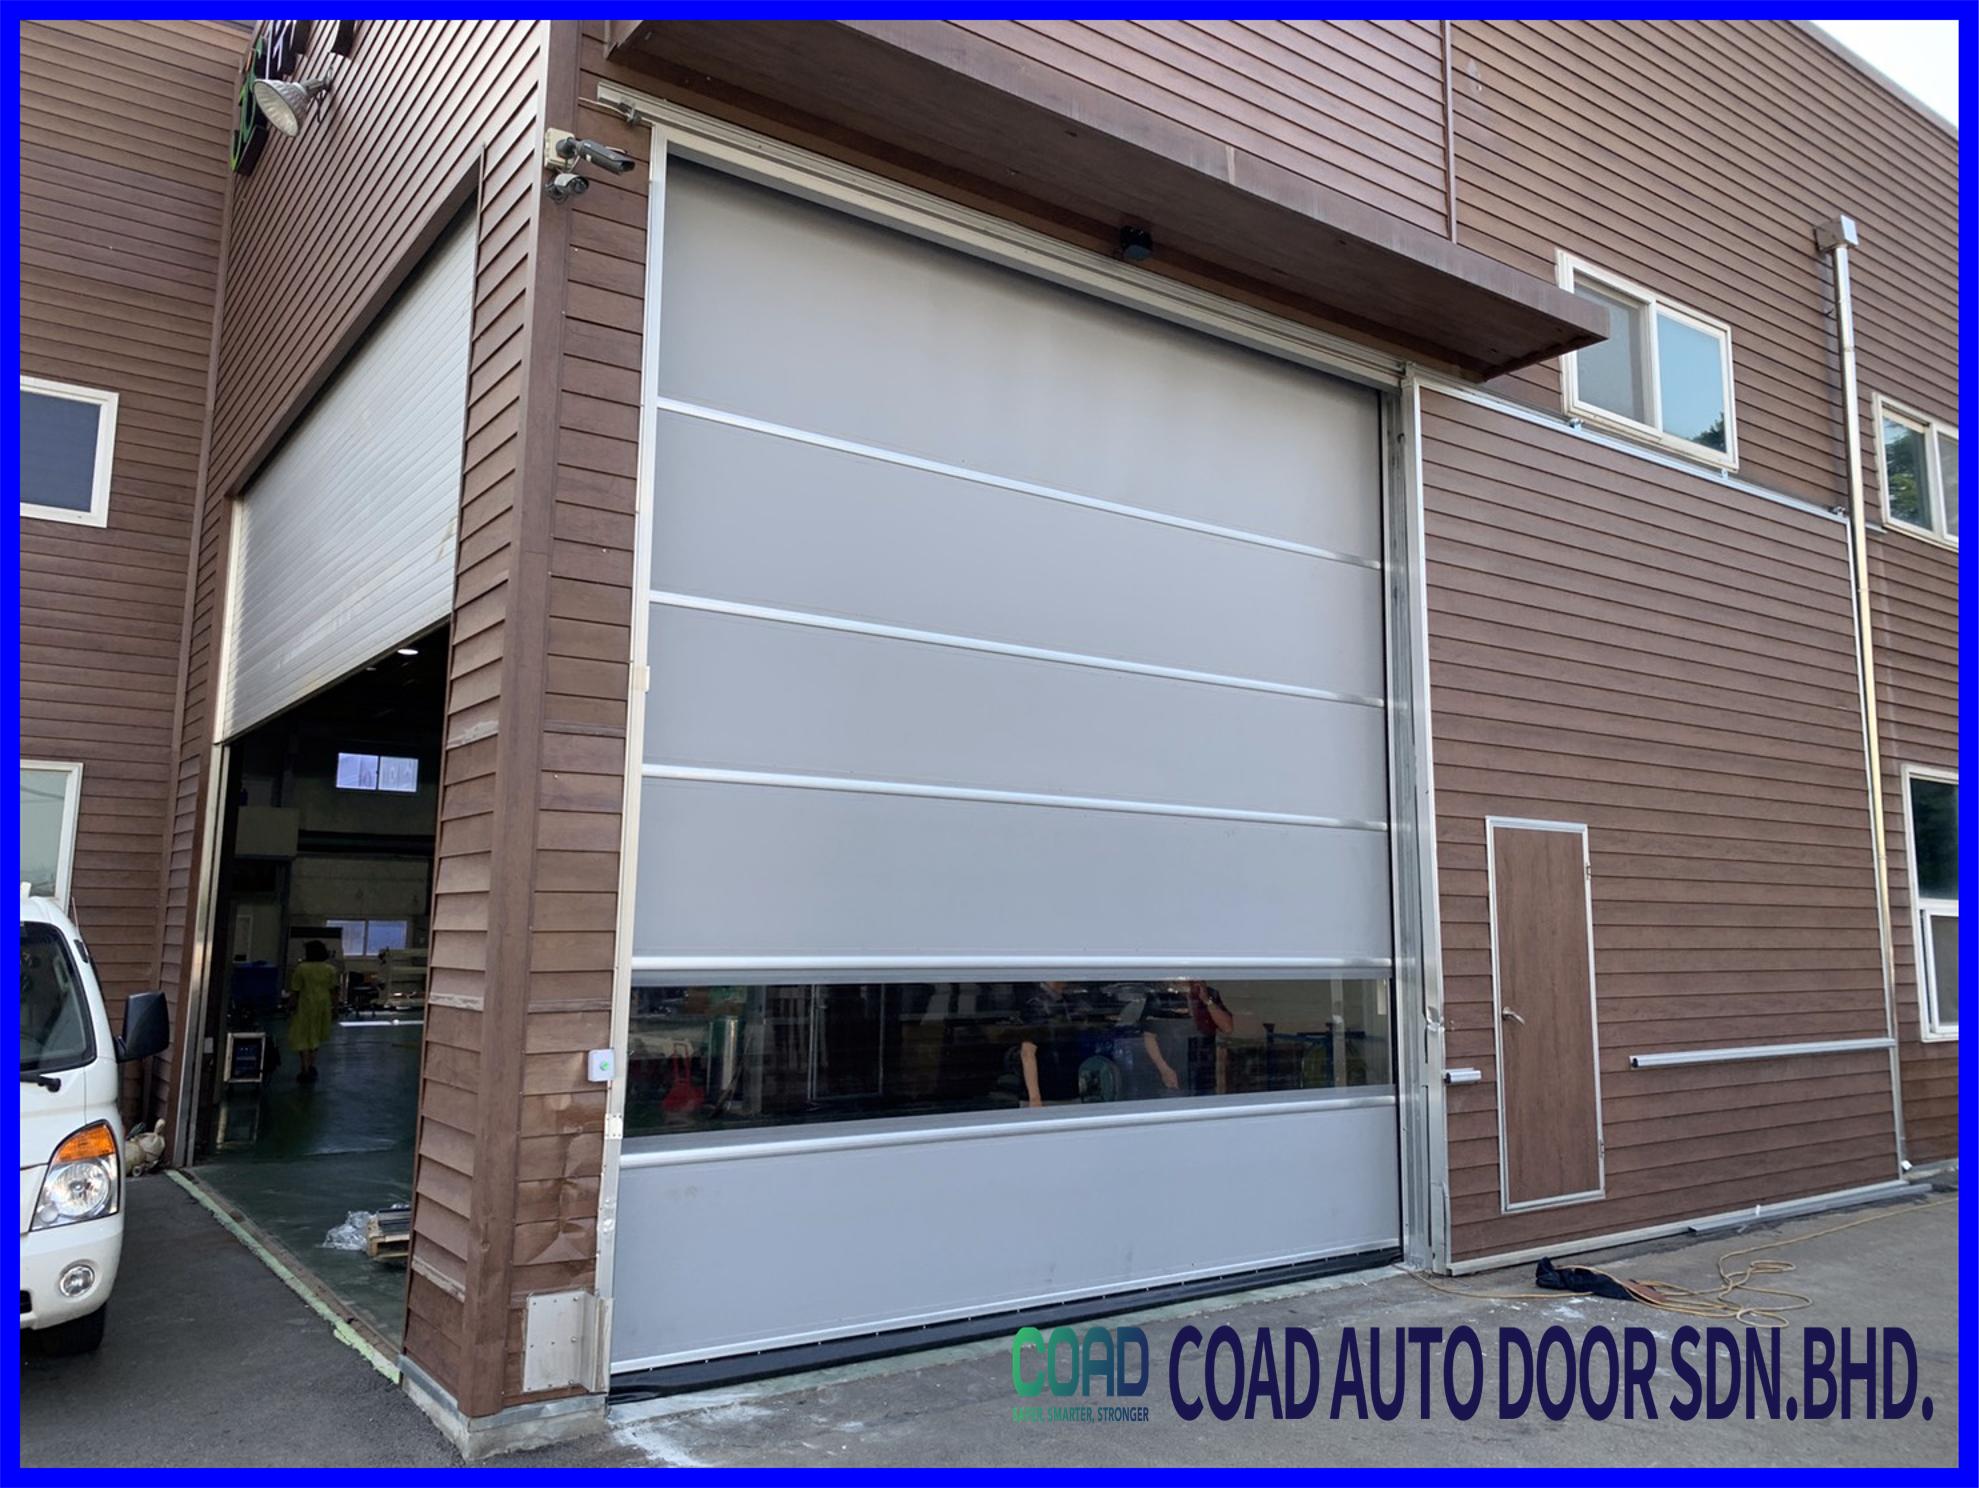 Coad High Speed Door Impact Strength In 2020 Doors Automatic Door Intelligent Design